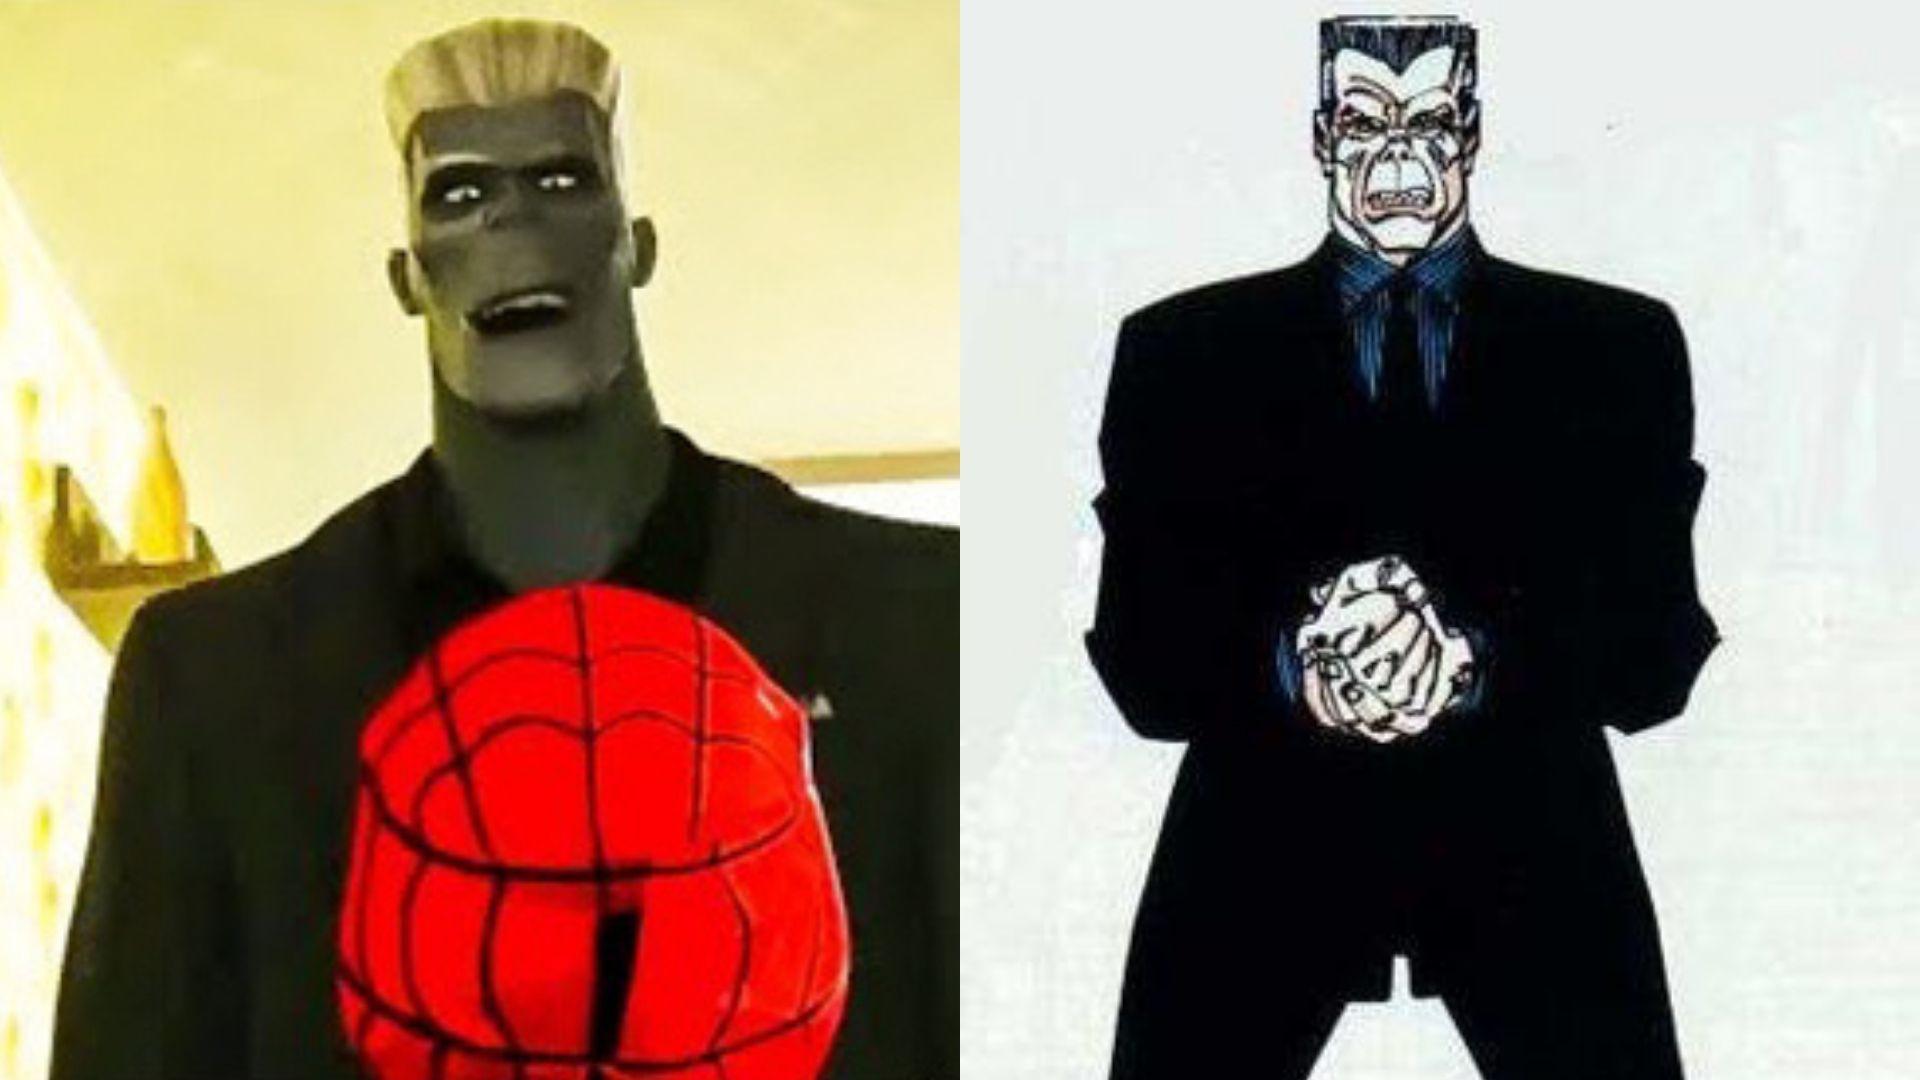 【スパイダーマン】トゥームストーンの強さ・能力について解説!【マーベル原作】